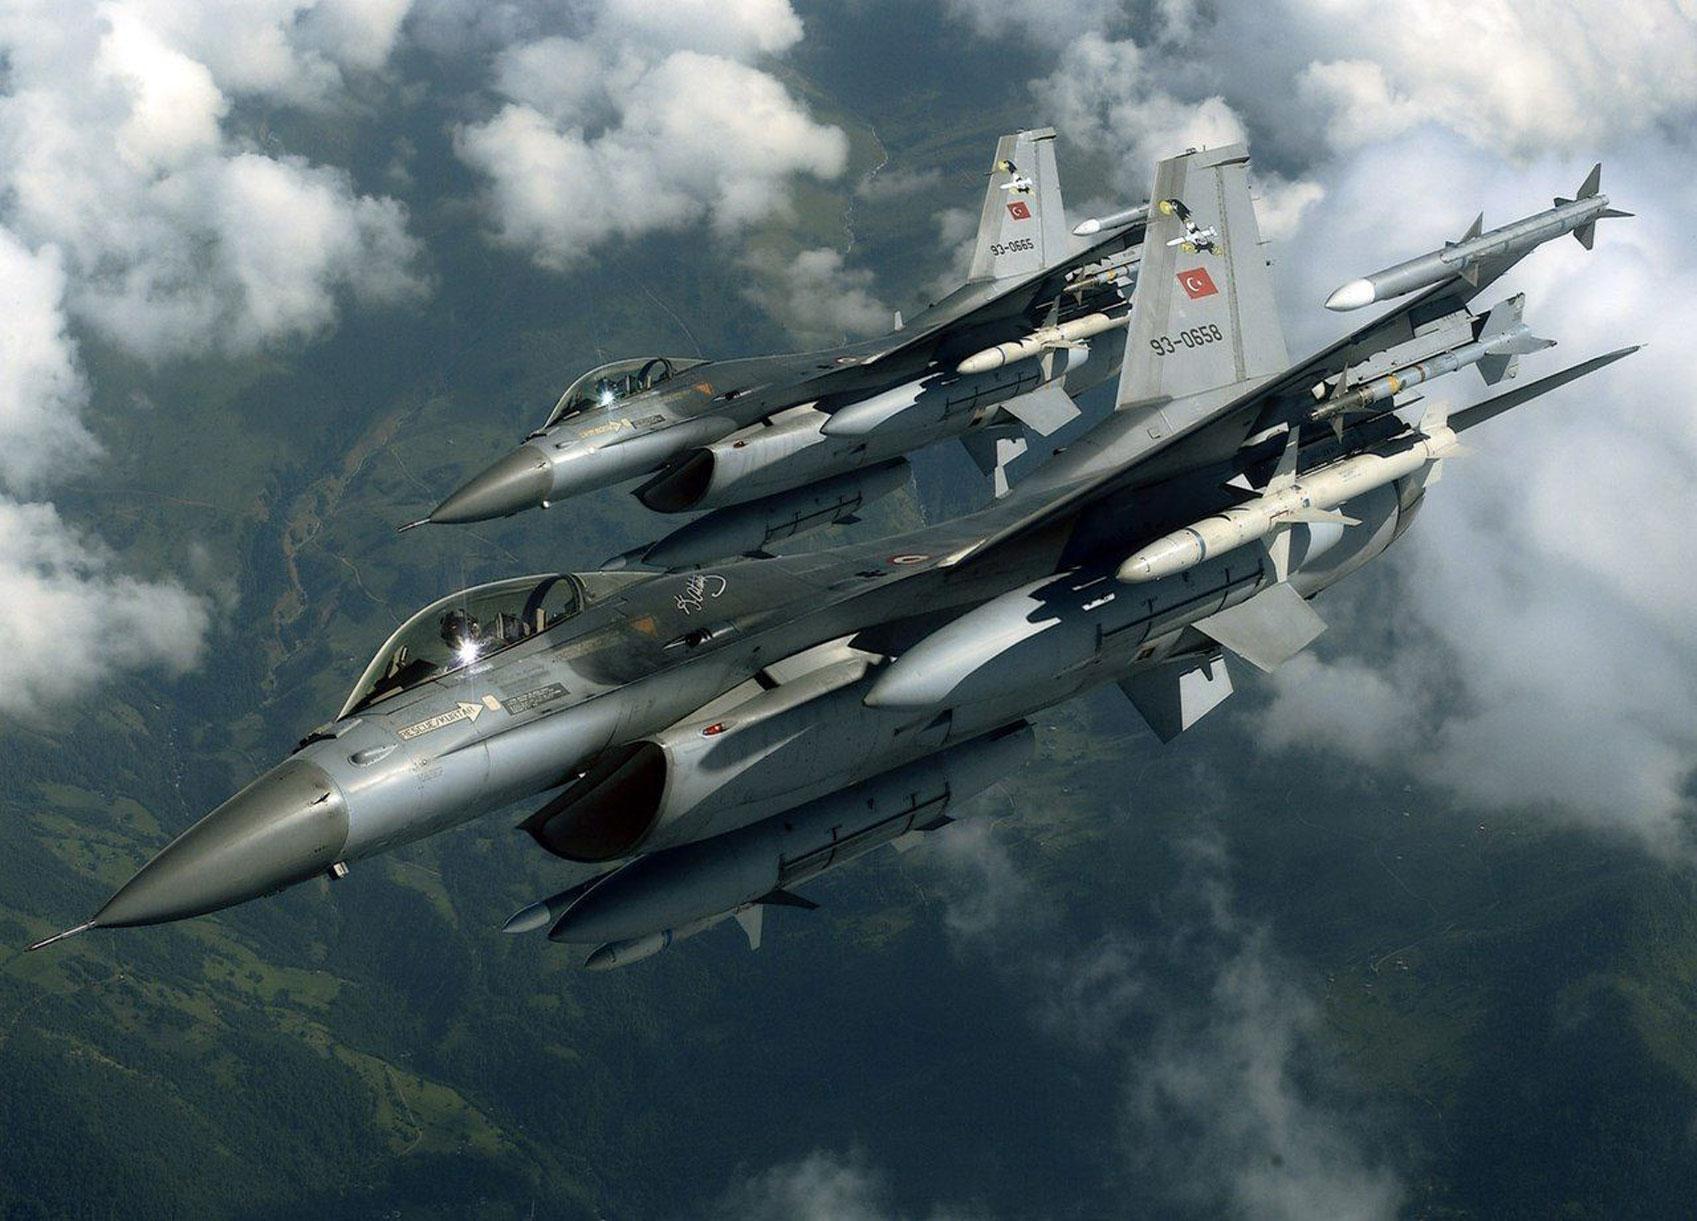 Έφυγαν οι μετανάστες για να έρθουν τα F-16! Υπερπτήσεις και αερομαχίες στον Έβρο